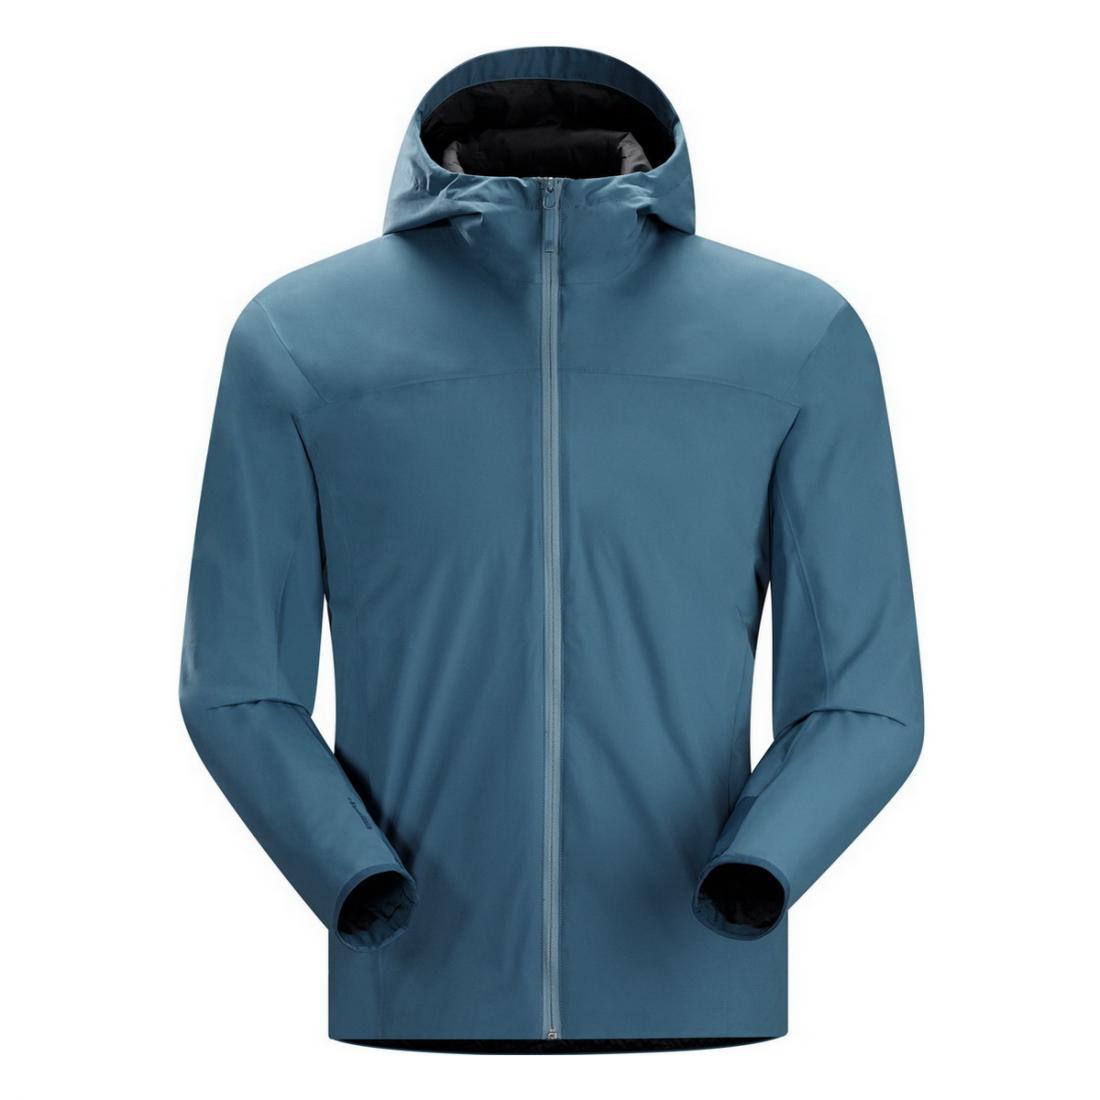 Куртка Solano муж.Куртки<br><br> Куртка Arcteryx Solano Jacket создана для активных мужчин, которые ценят свободу и комфорт во время путешествий и отдыха. Модель отличается влагонепроницаемостью и ветронепродуваемостью, поэтому надежно защищает от непогоды.<br><br><br><br>...<br><br>Цвет: Темно-синий<br>Размер: XL